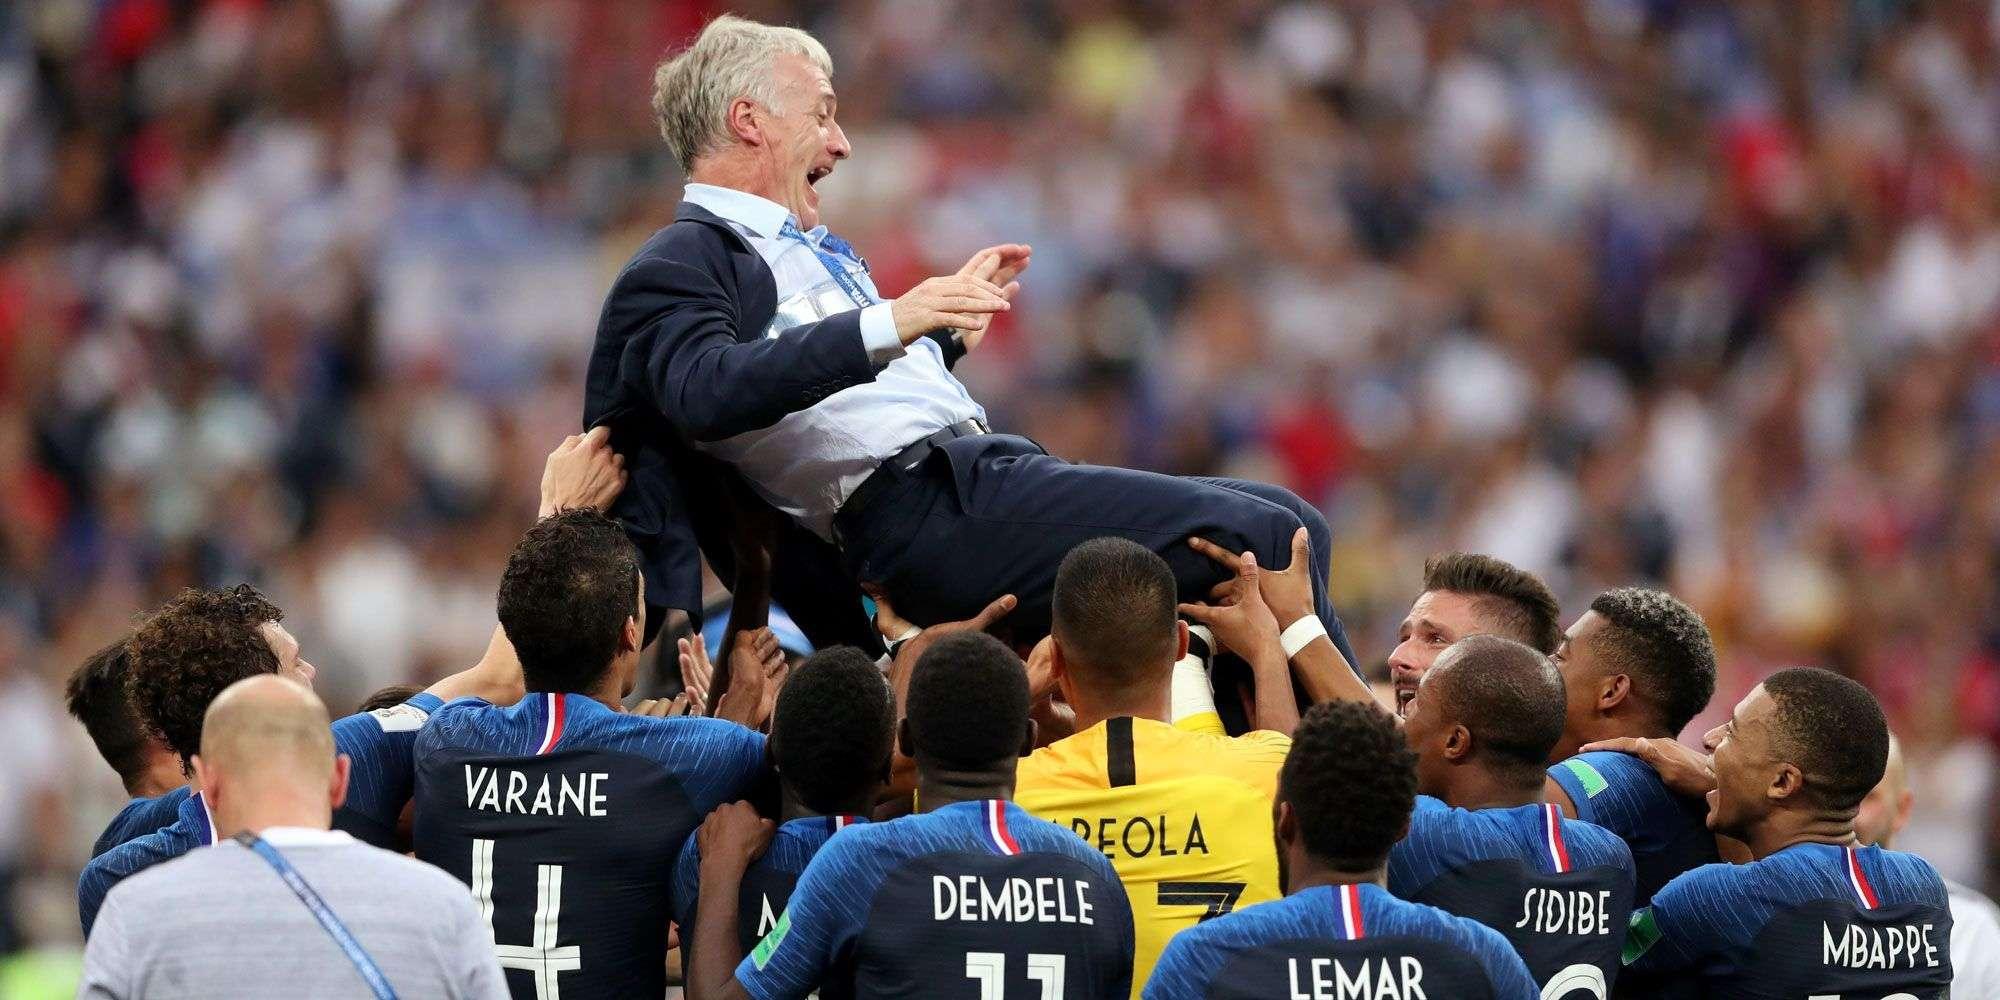 Le best-of Les-transferts 2018